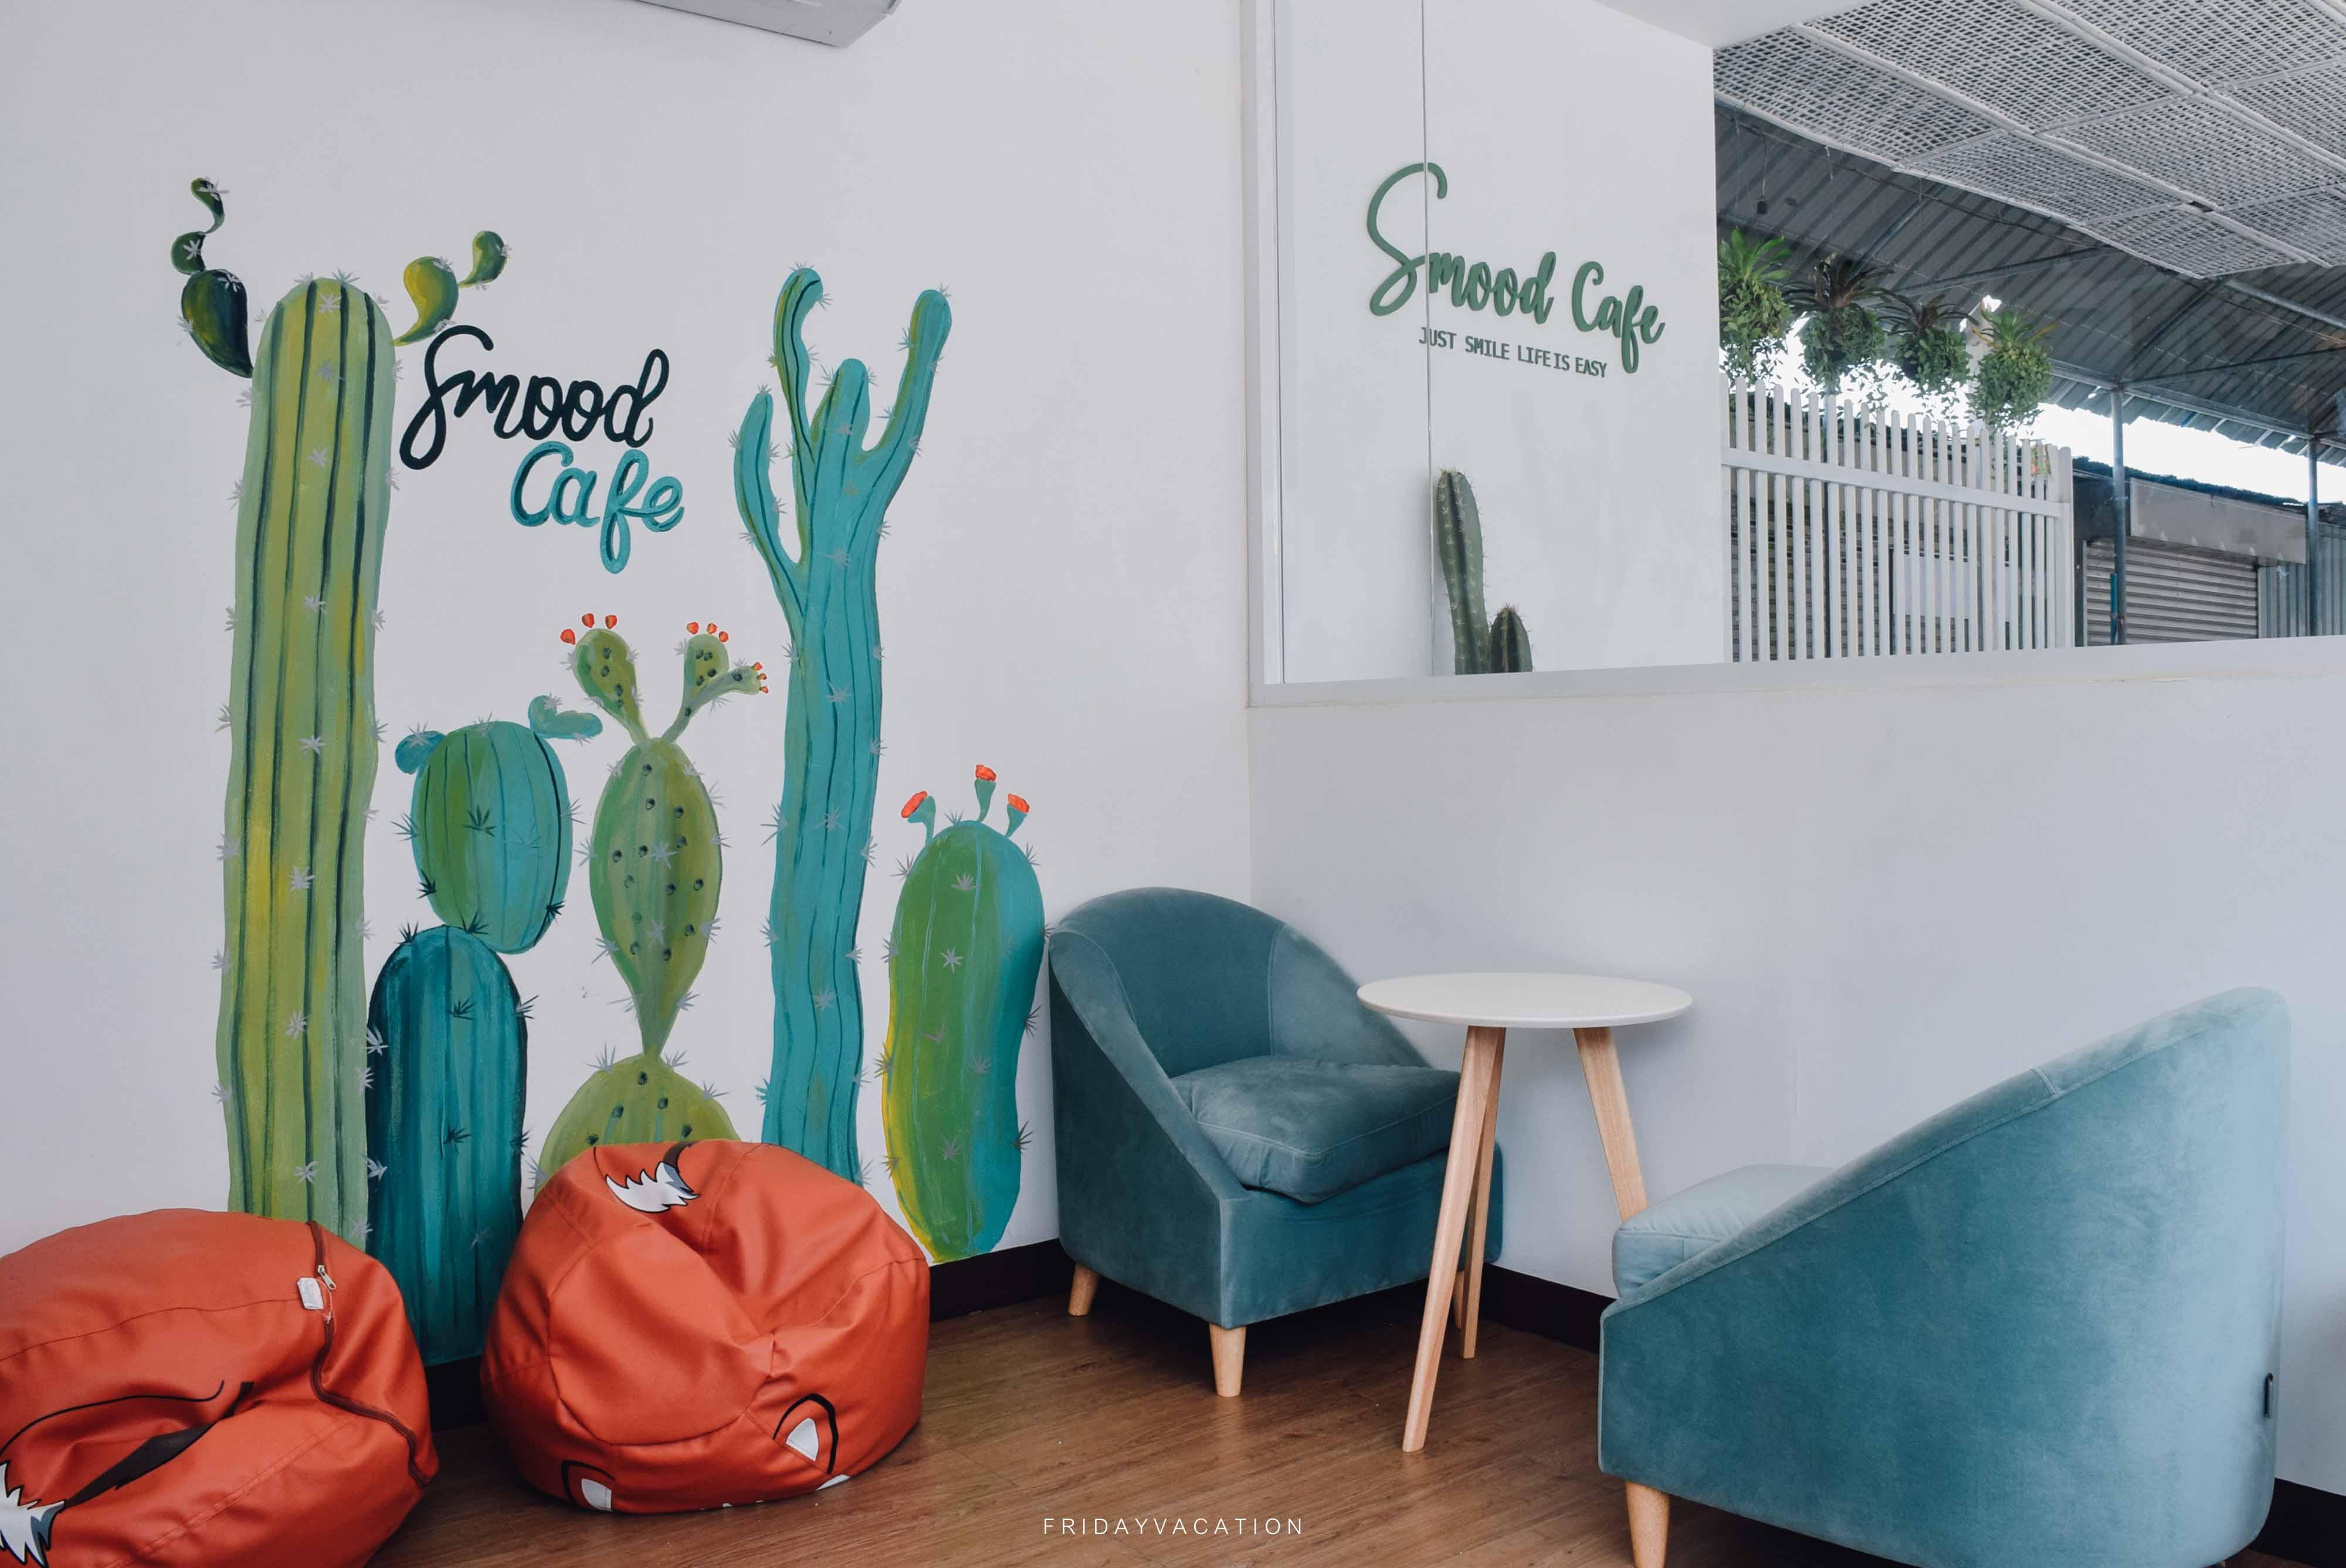 Smood cafe Phuket คาเฟ่น่ารักบรรยากาศคูลๆ นครศรีดีย์